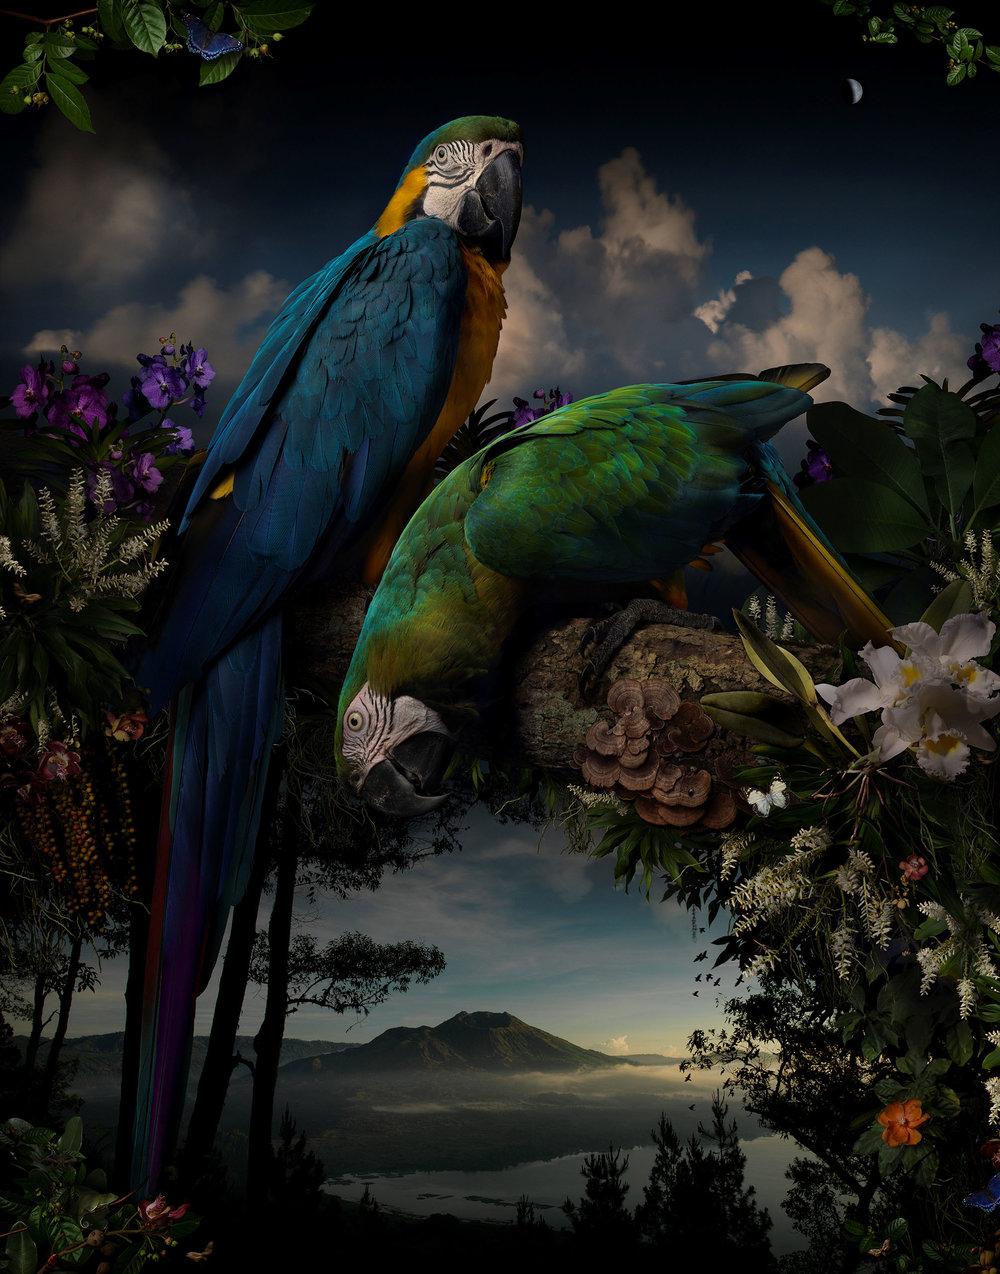 Joseph McGlennon, Florilegium #1 2014 from the series Florileigum, pigment ink-jet print, 127 x 100cm